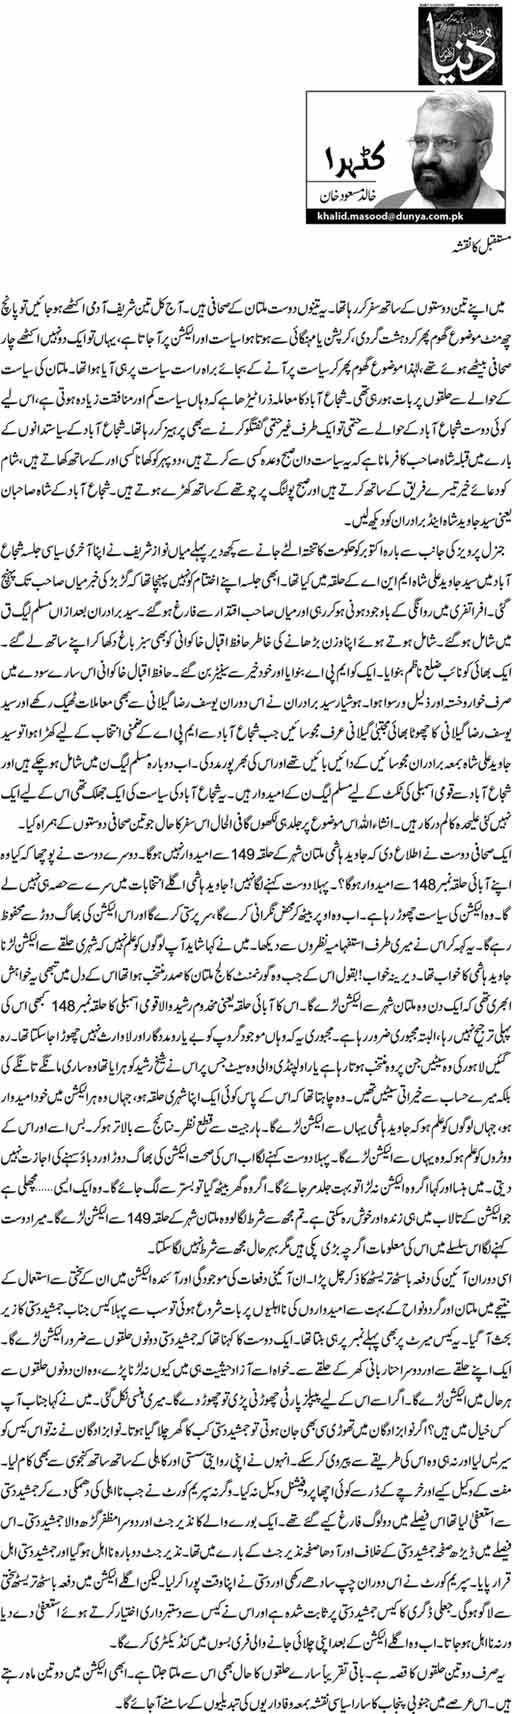 Future ka naqsha - Khalid mAsood Khan